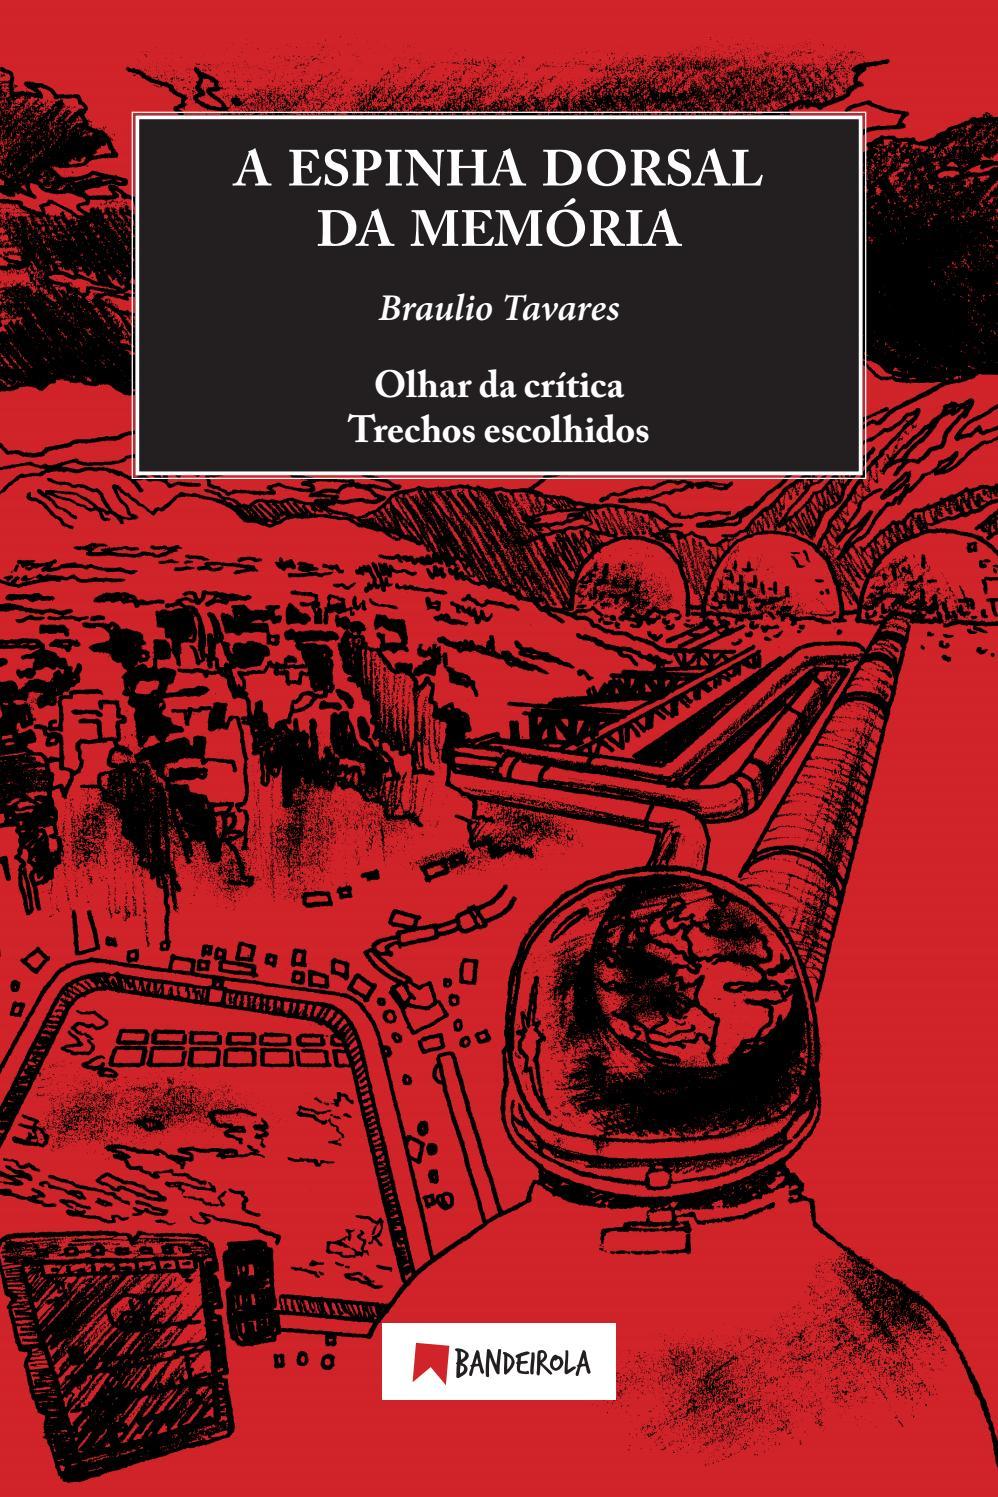 A ESPINHA DORSAL DA MEMÓRIA  Olhar da Crítica   Trechos Escolhidos   Braulio Tavares